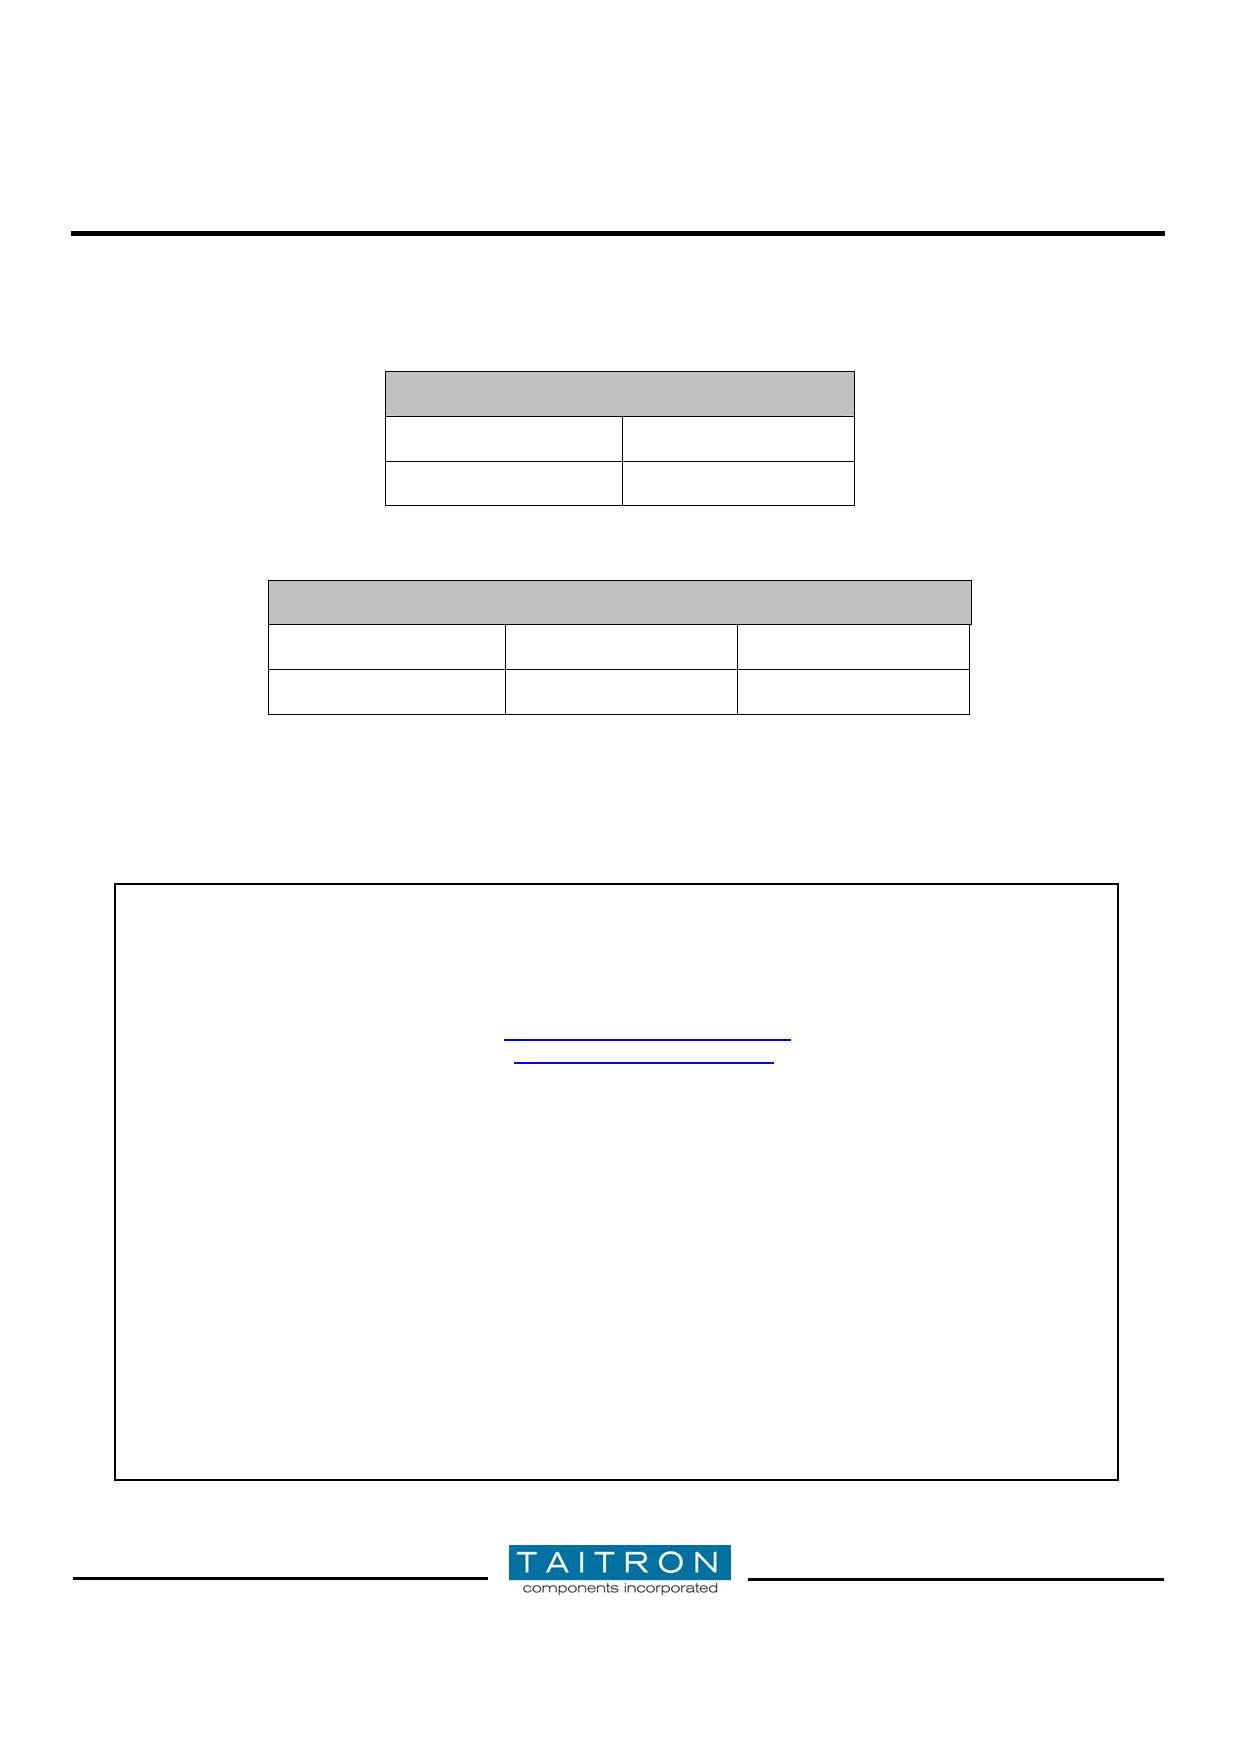 2N2369A pdf, 반도체, 판매, 대치품